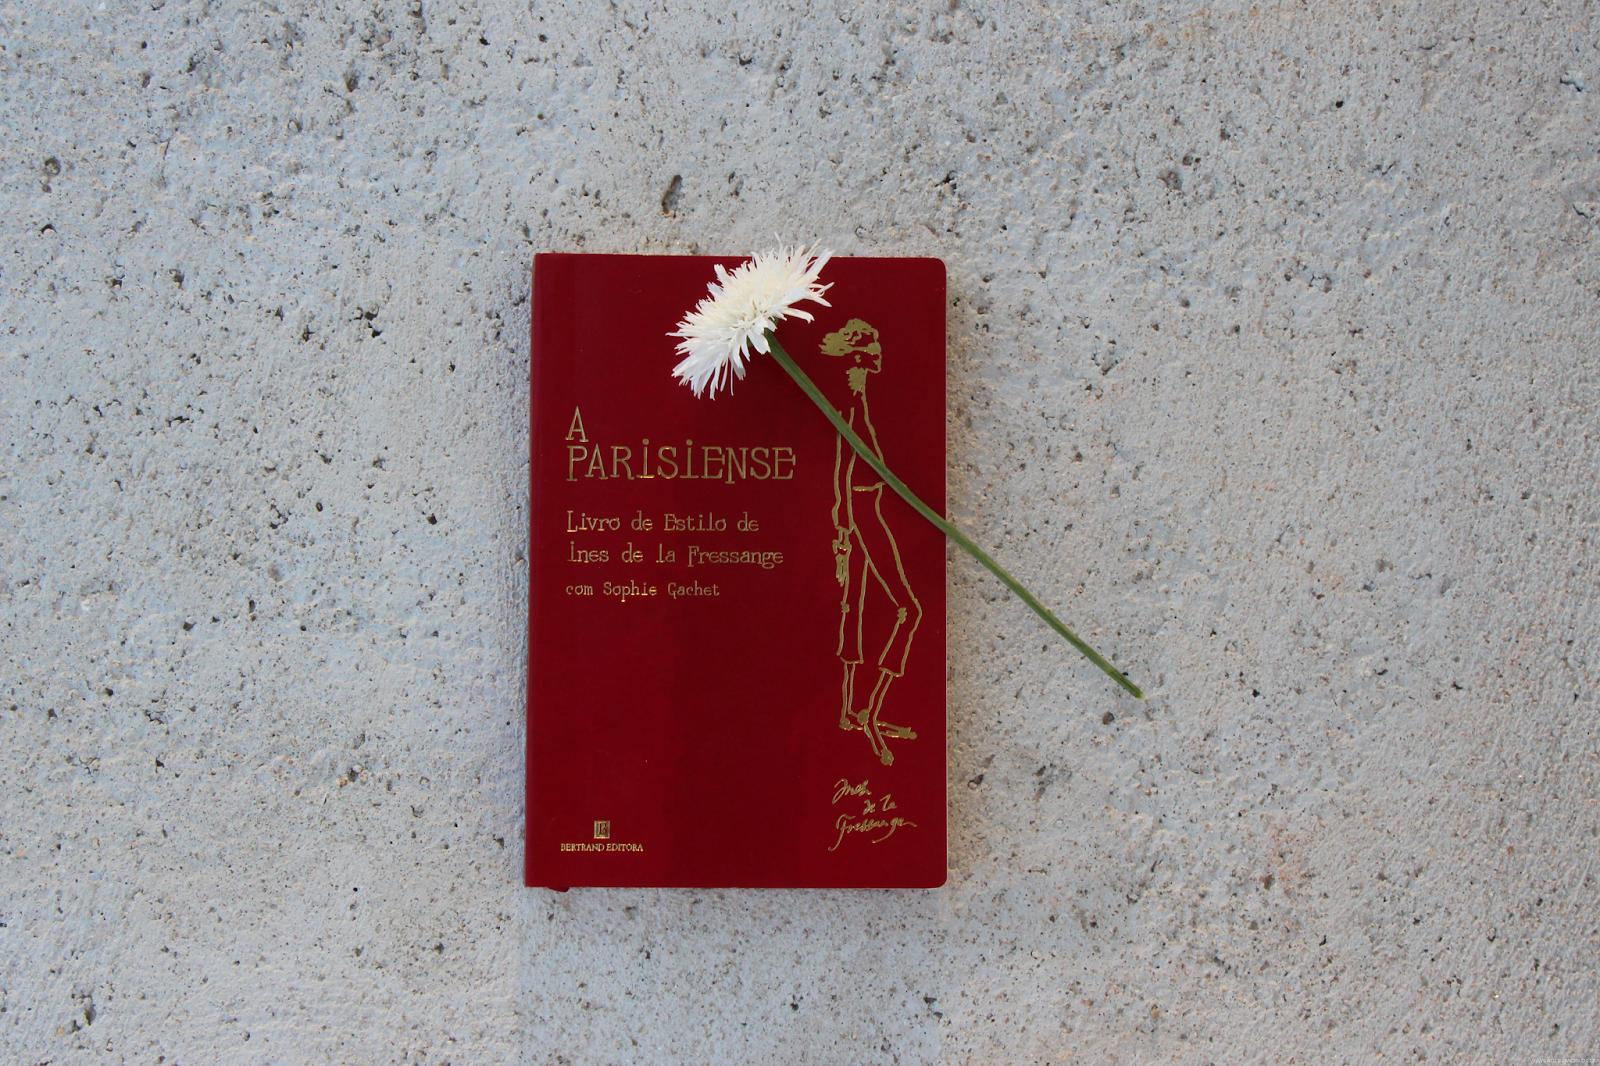 A Parisiense - Ines de la Fressange